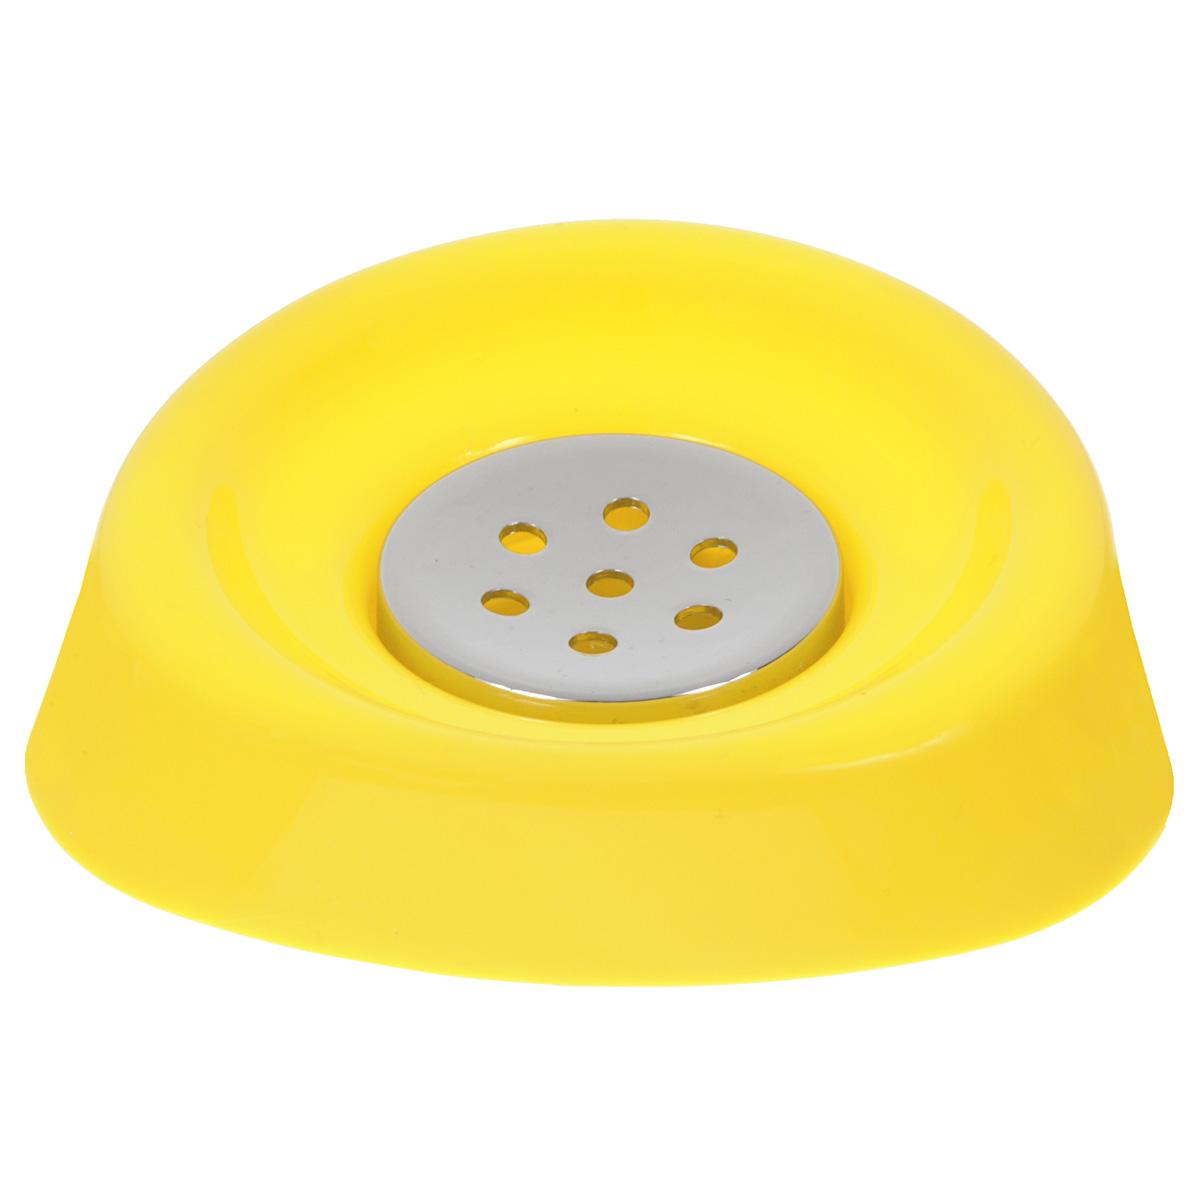 Мыльница Vanstore Wiki, цвет: желтый, 12,5 х 12,5 х 2,5 см357-04